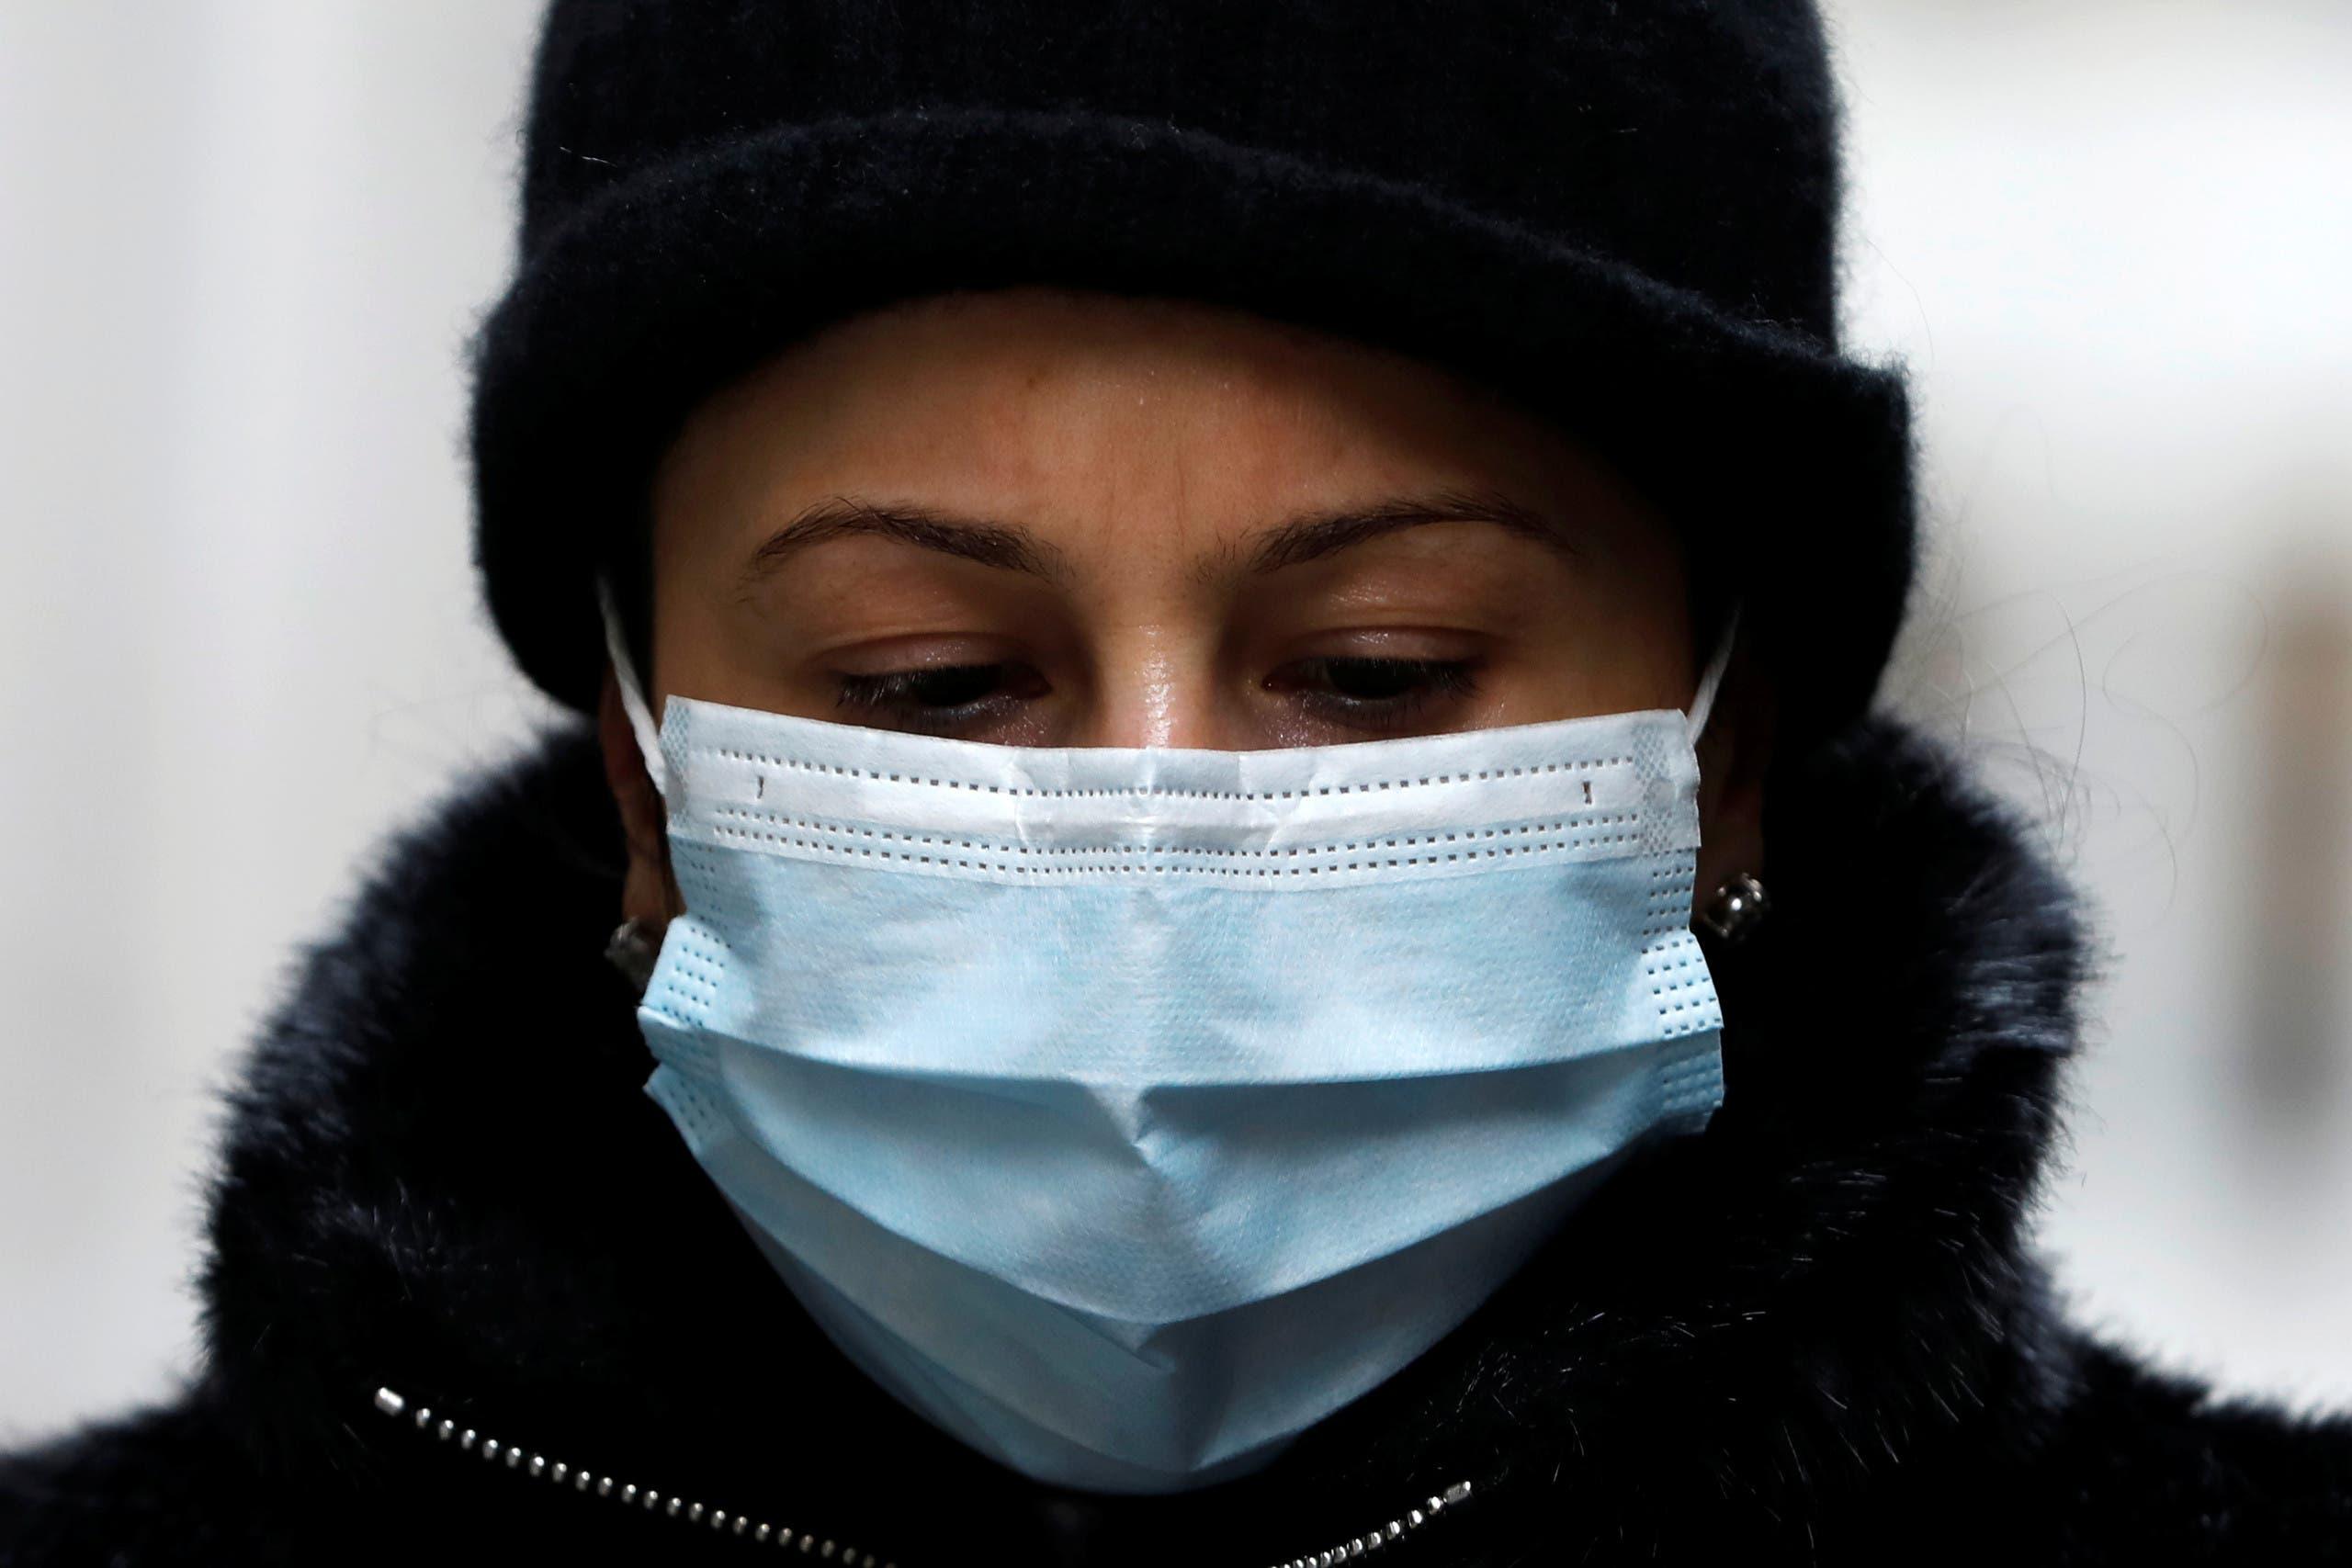 امرأة تضع كمامة للوقاية من فيروس كورونا في نيويورك يوم 11 مارس